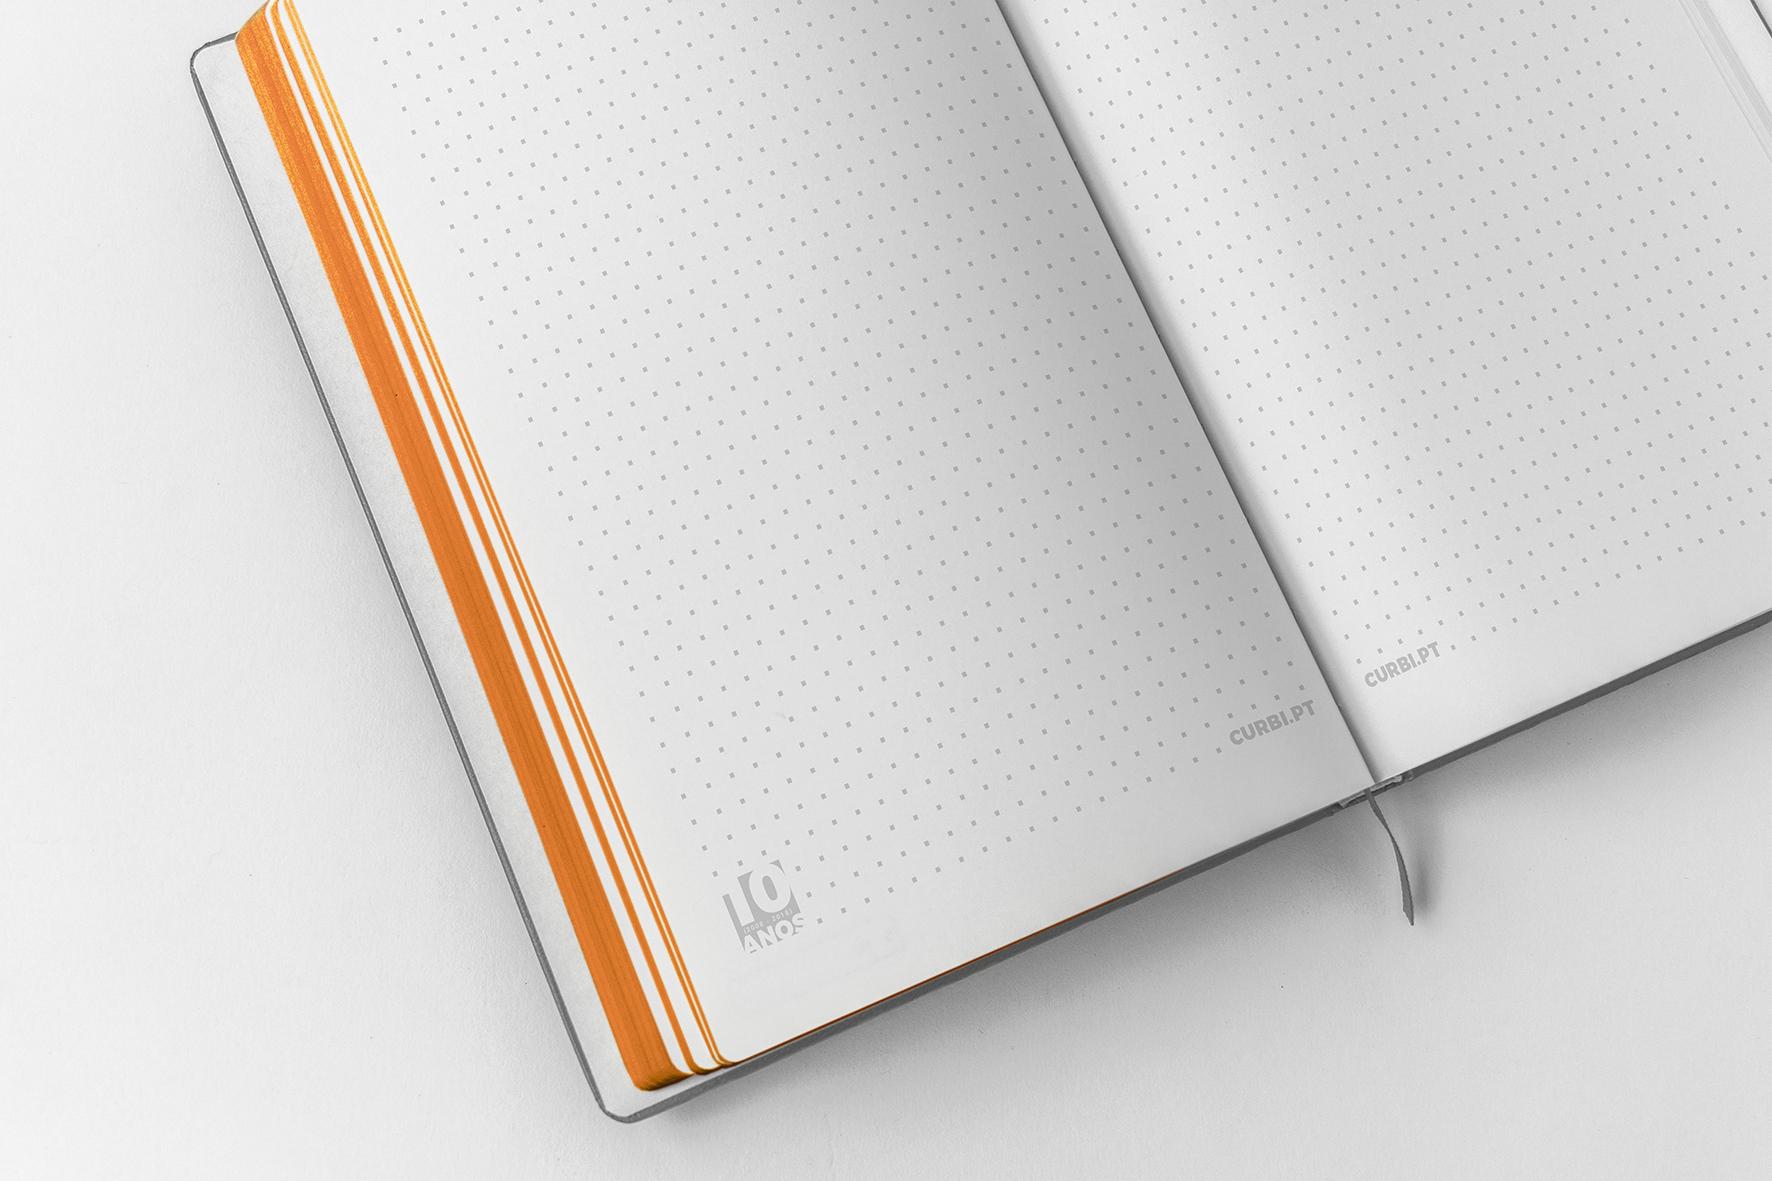 Criação gráfica de cadernos para a empresa Curbi